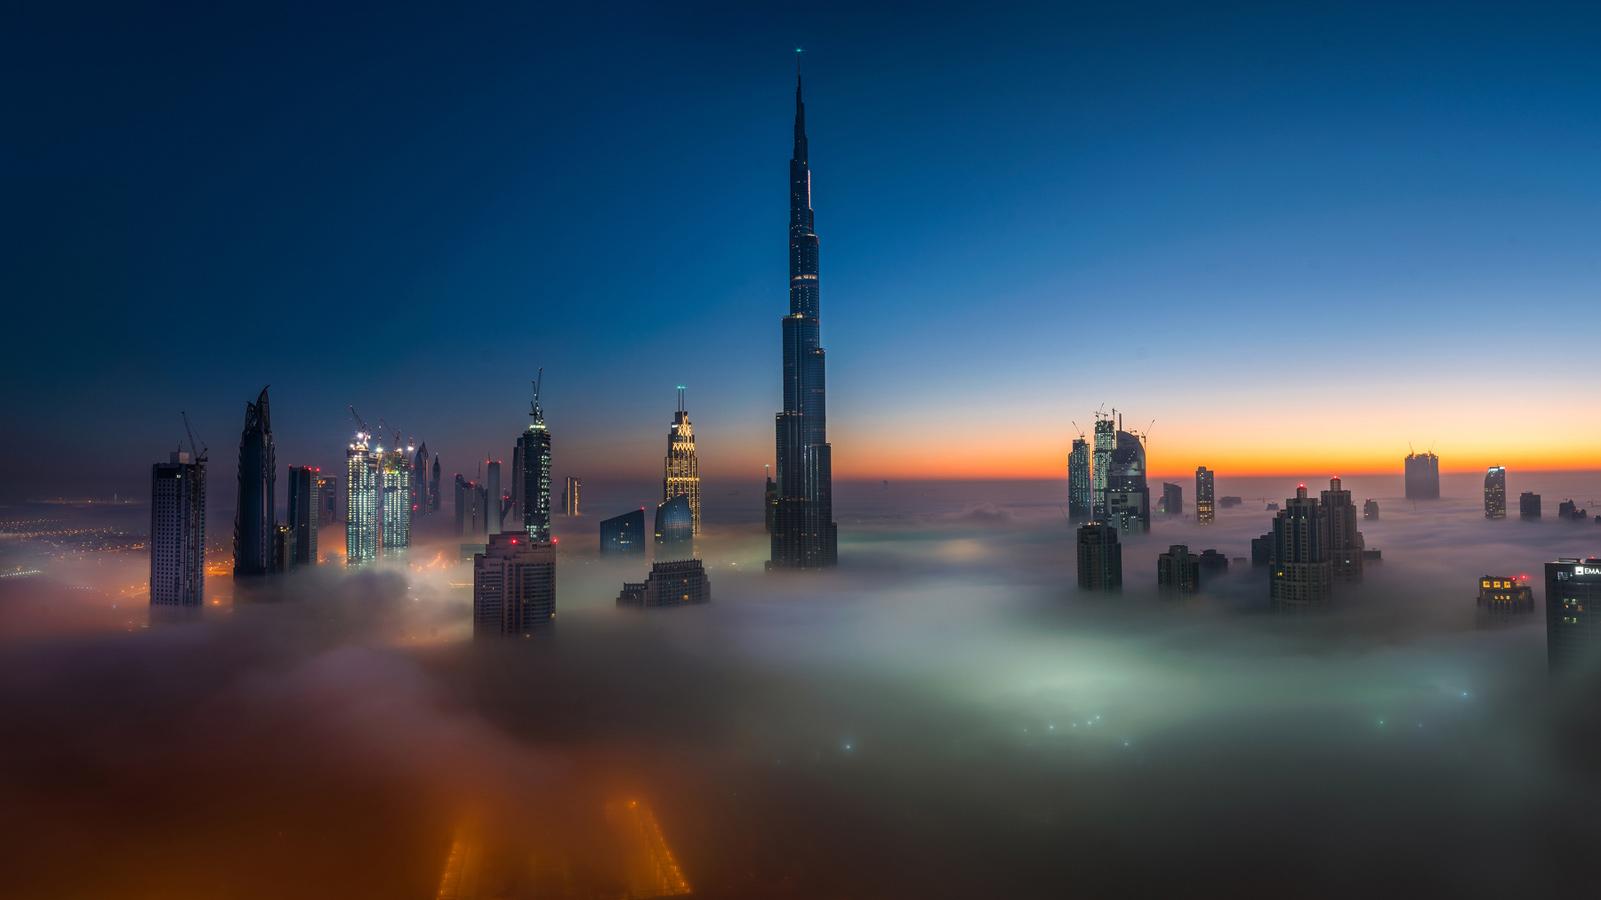 Foggy Blanket, © Prakash Kumar Singh, UAE, Urban landscape Nomination, 1 place, 35AWARDS Photo Contest